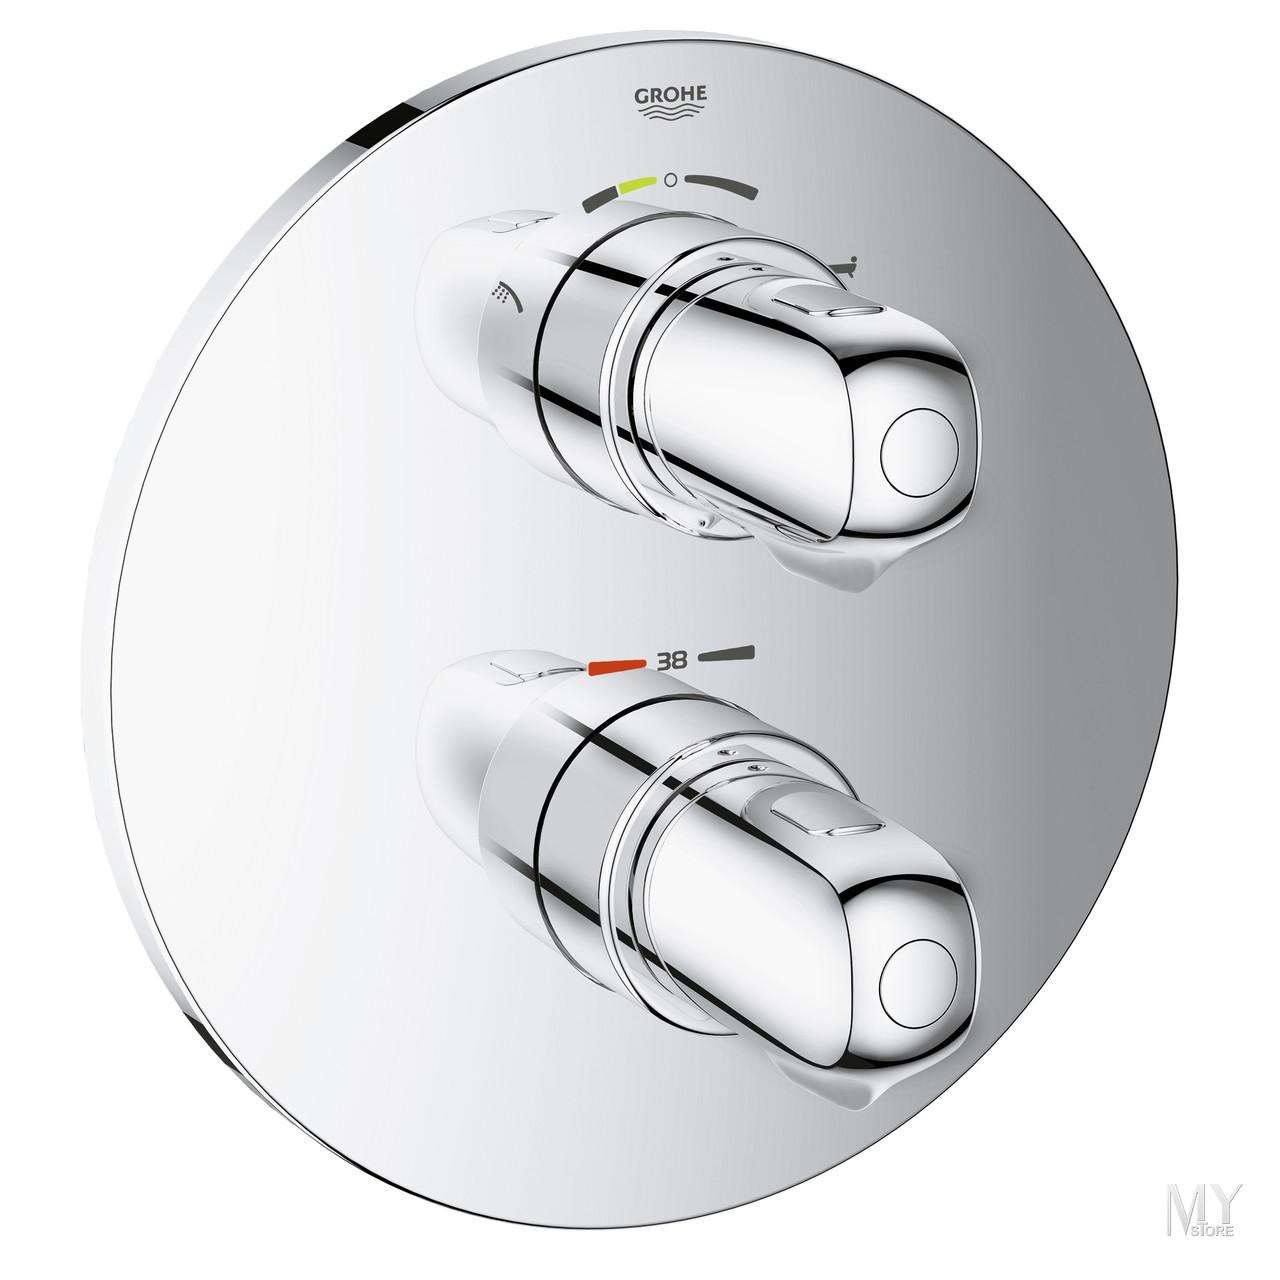 Внешняя часть термостатического смесителя для ванны GROHE Grohtherm 1000 New, хром (19986000)